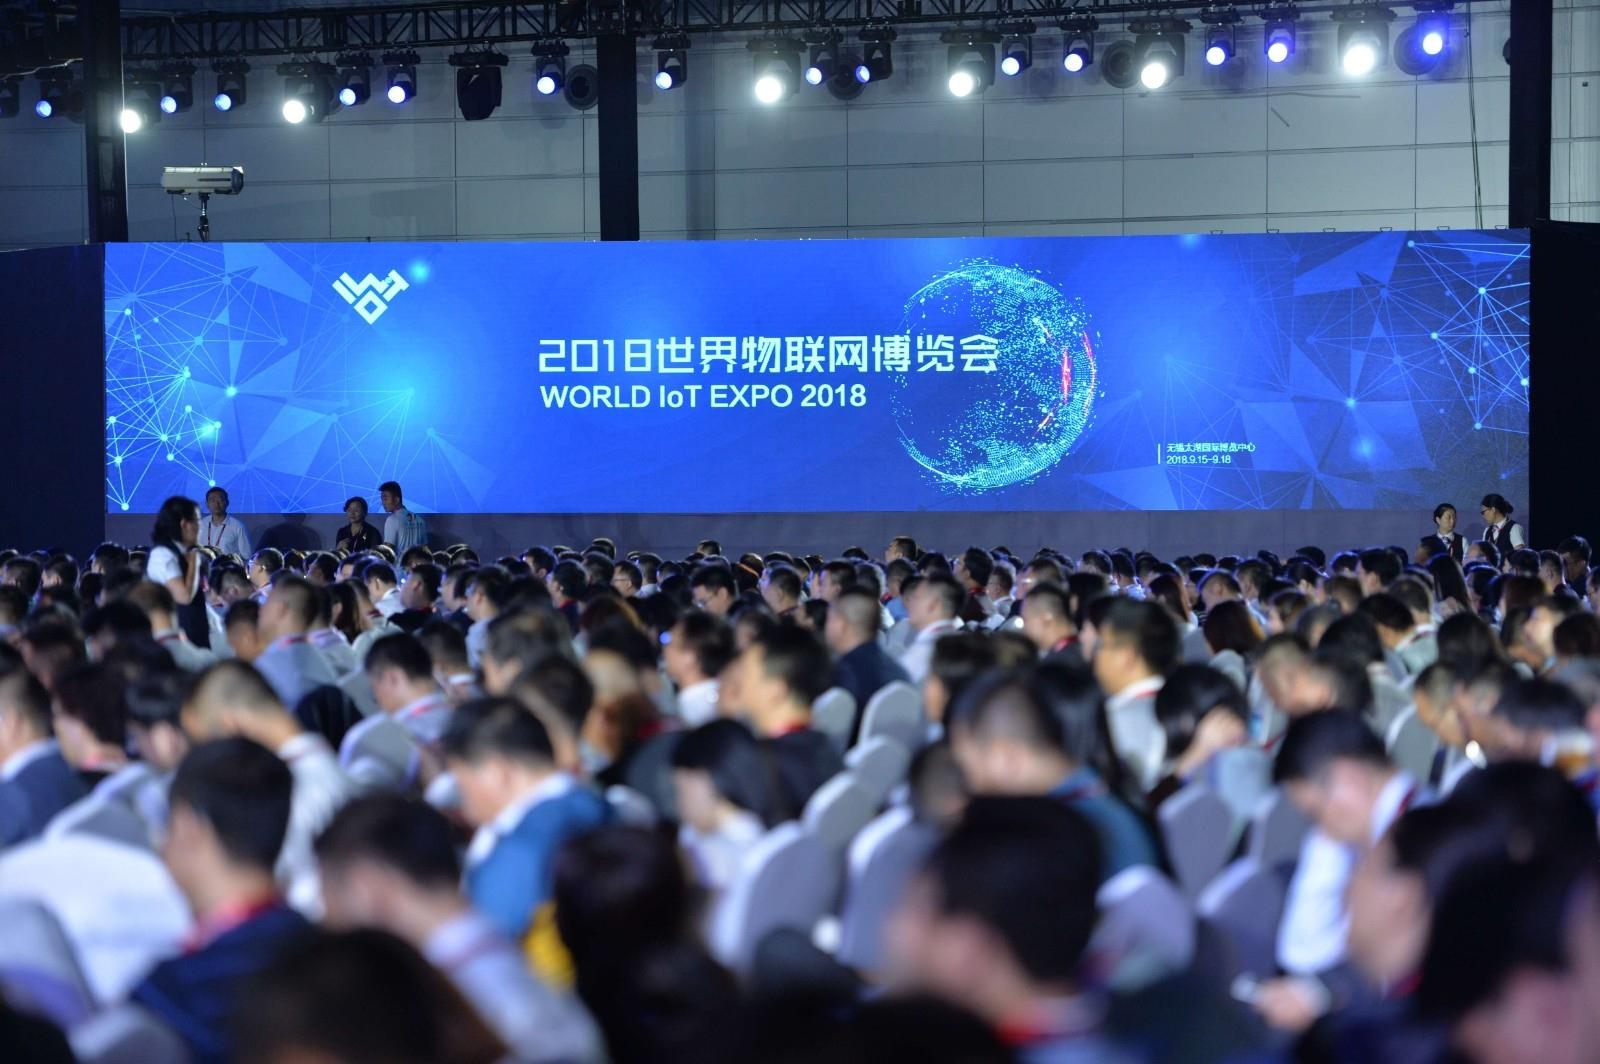 2018世界物联网博览会